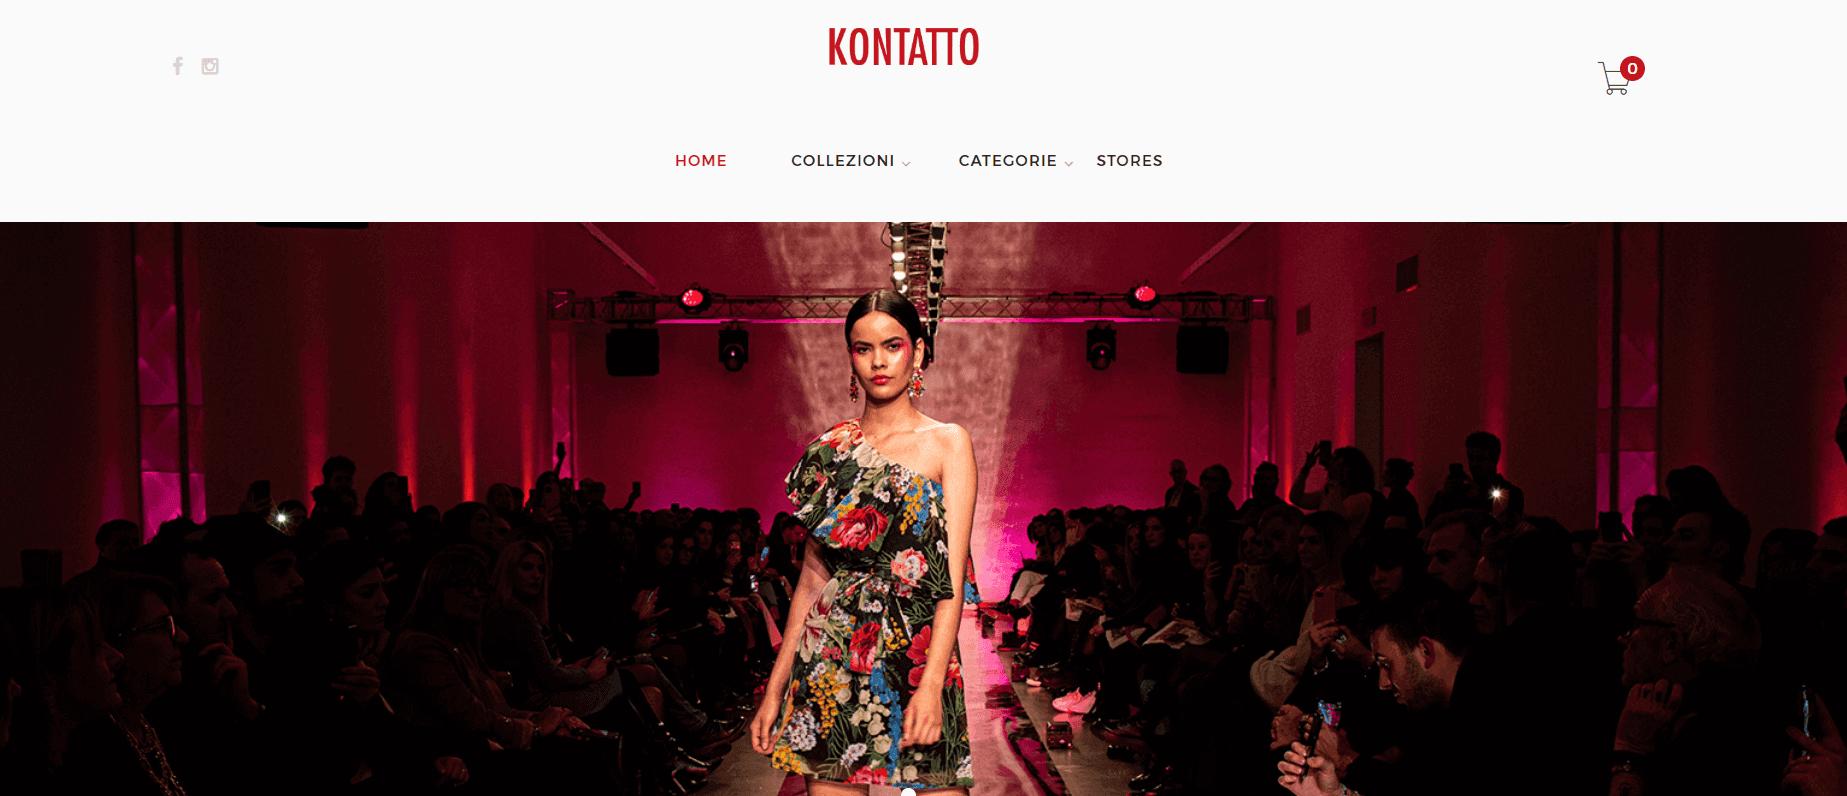 Покупка на Kontatto с доставкой в Казахстан ✔️ myMeest - 3